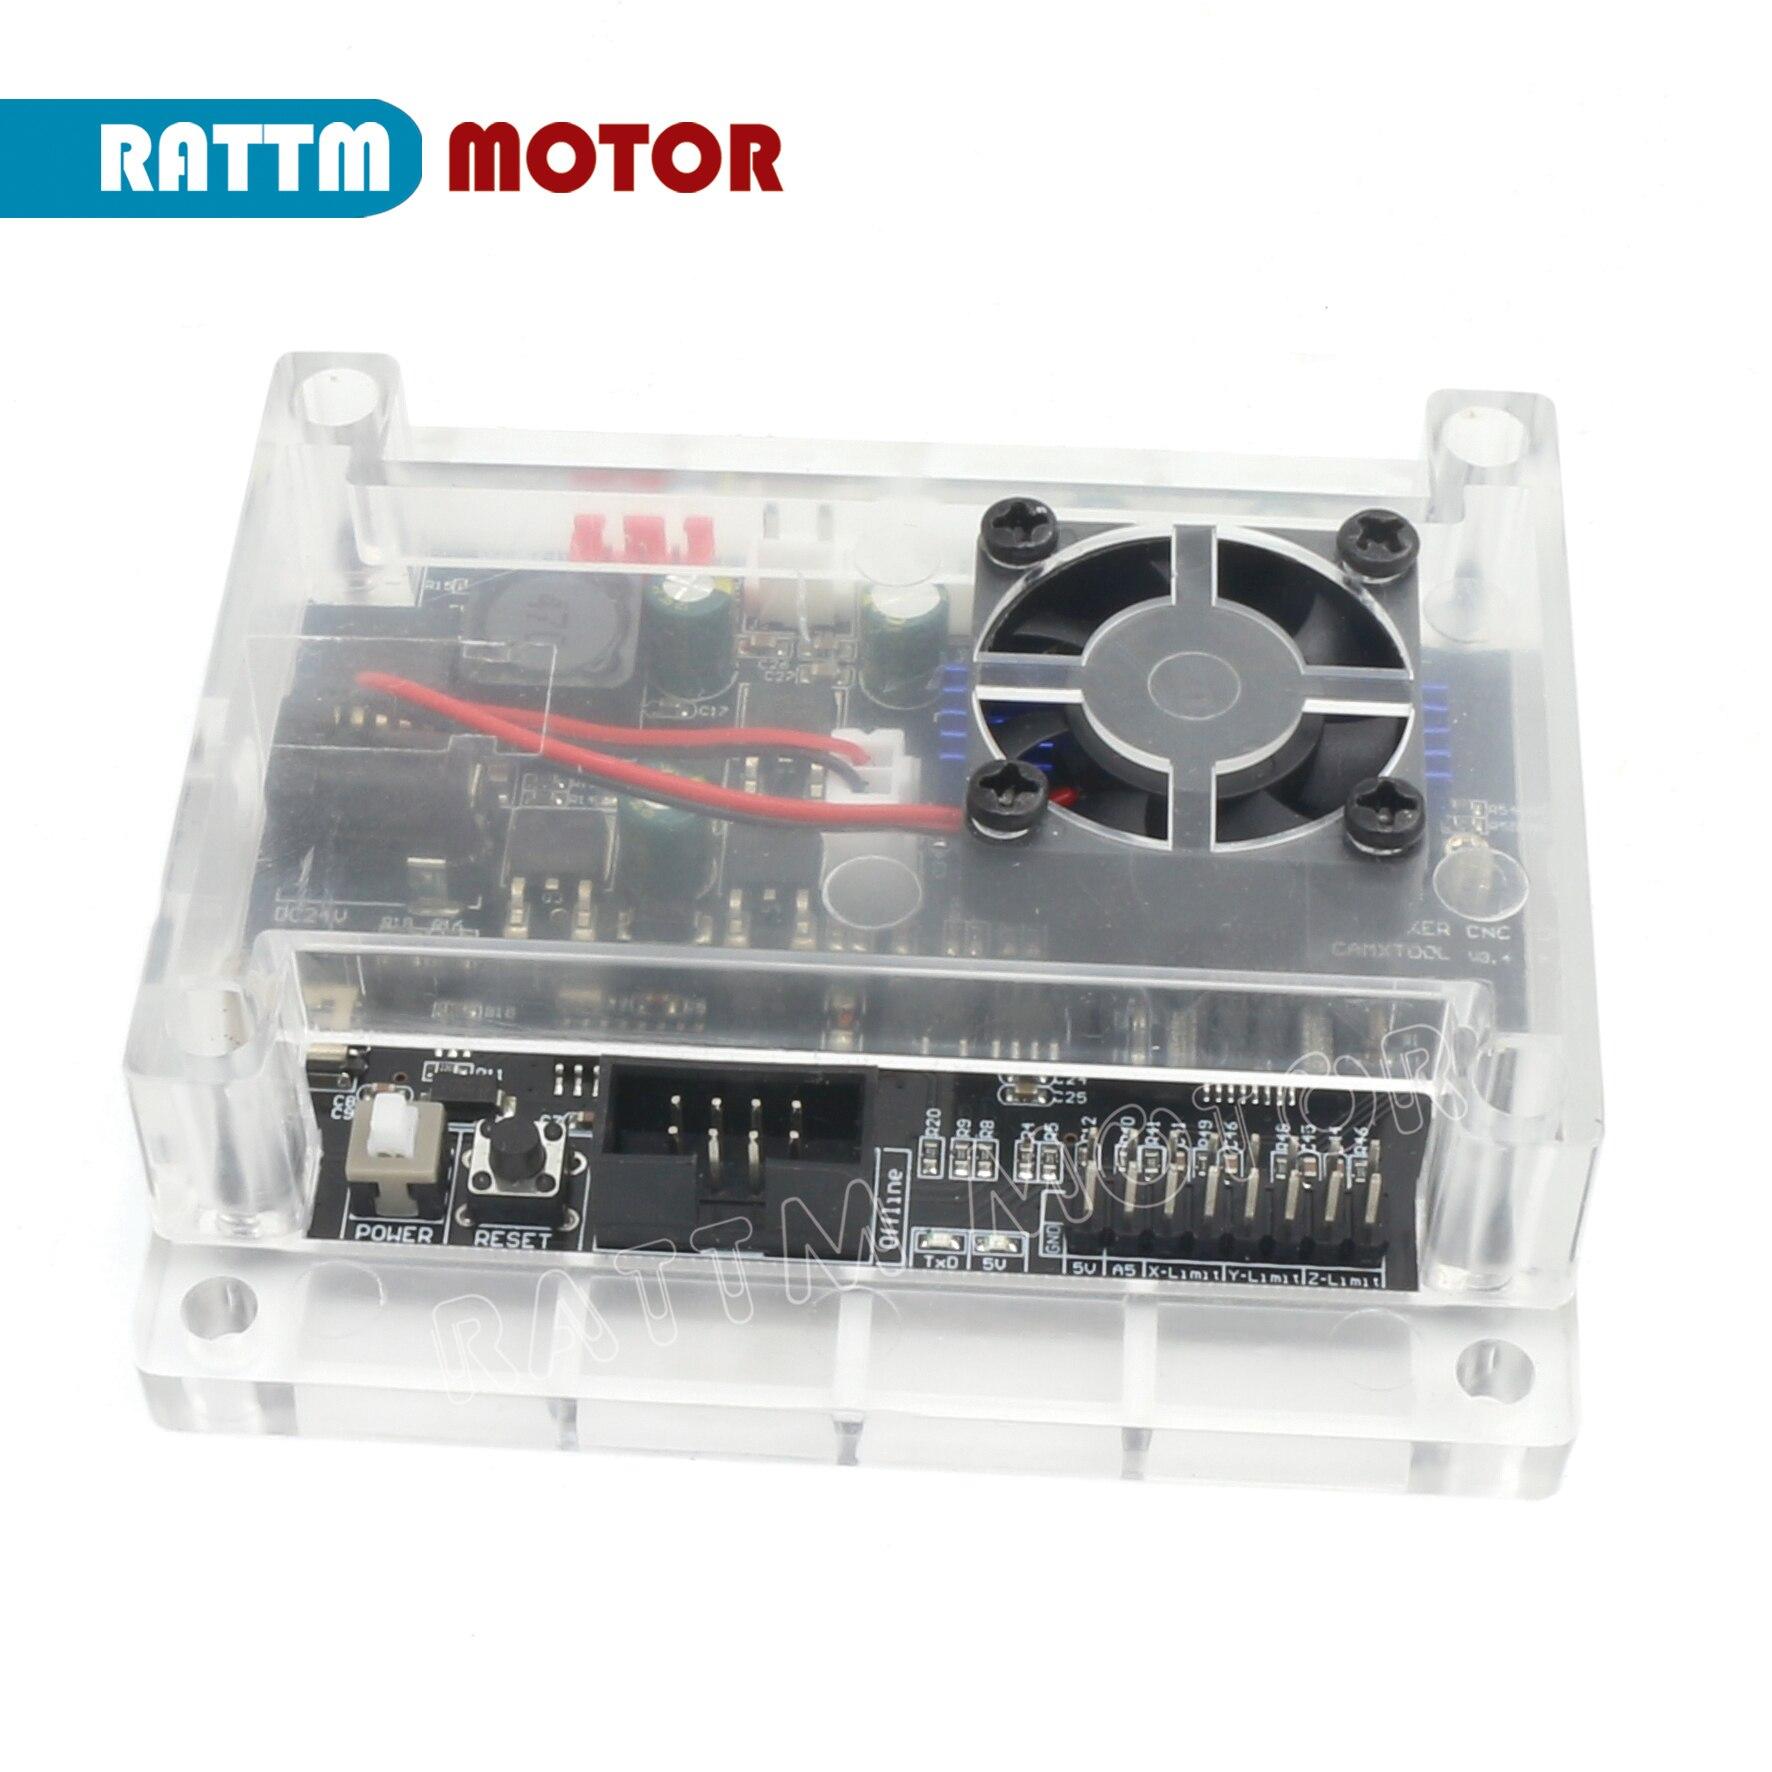 Novo grbl 1.1f porta usb 3 eixos cnc controlador placa de gravação a laser suporte da máquina de gravação anti-jamming pode usar fora de linha